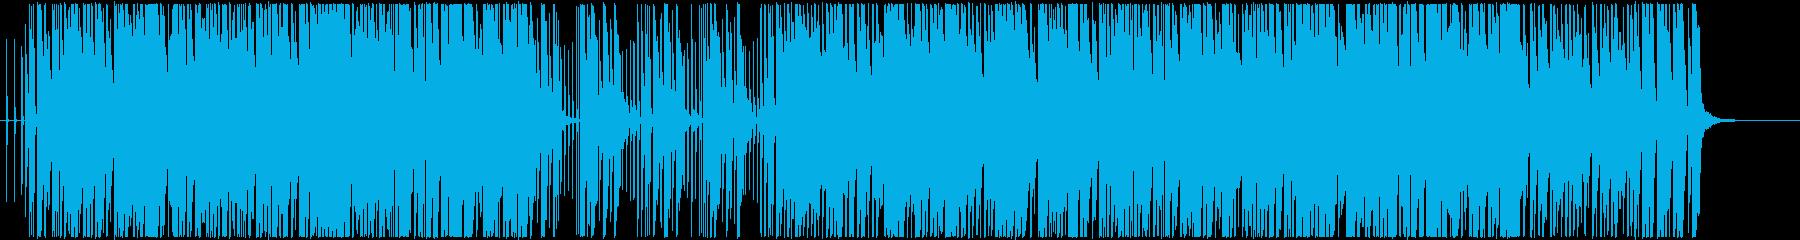 明るくキラキラした楽しい日常のBGMの再生済みの波形